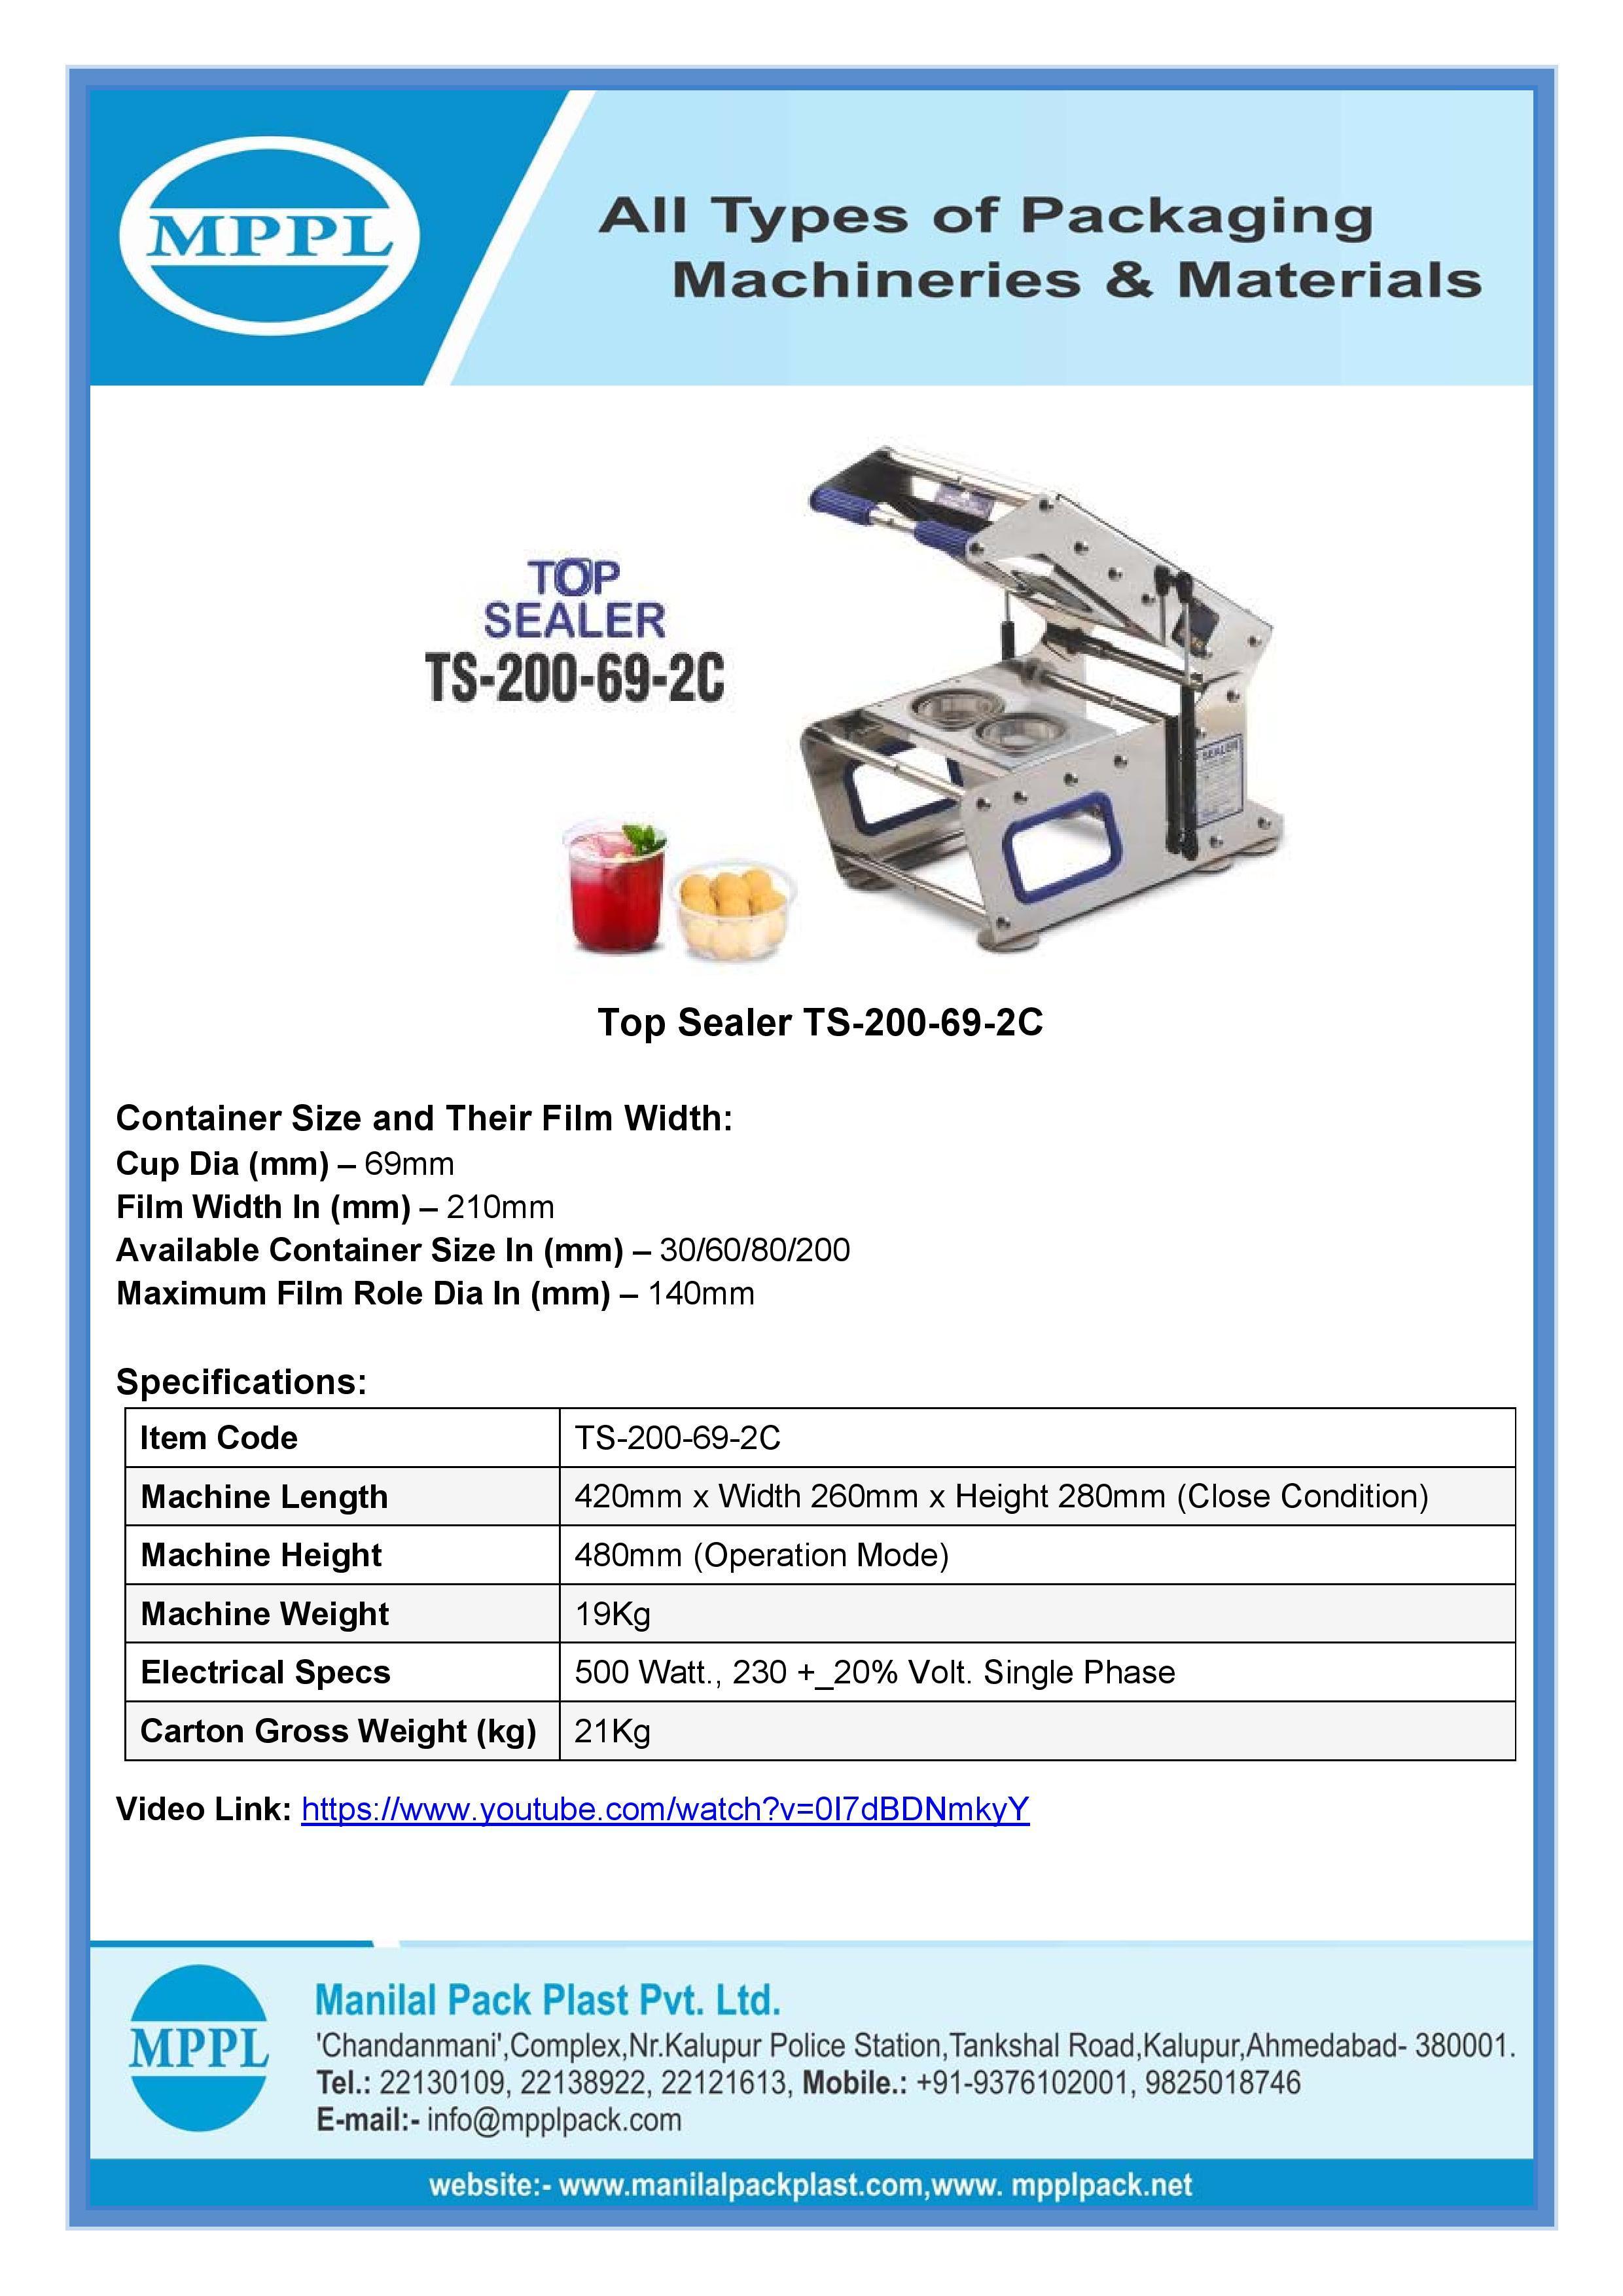 Top Sealer Ts-200-69-2c